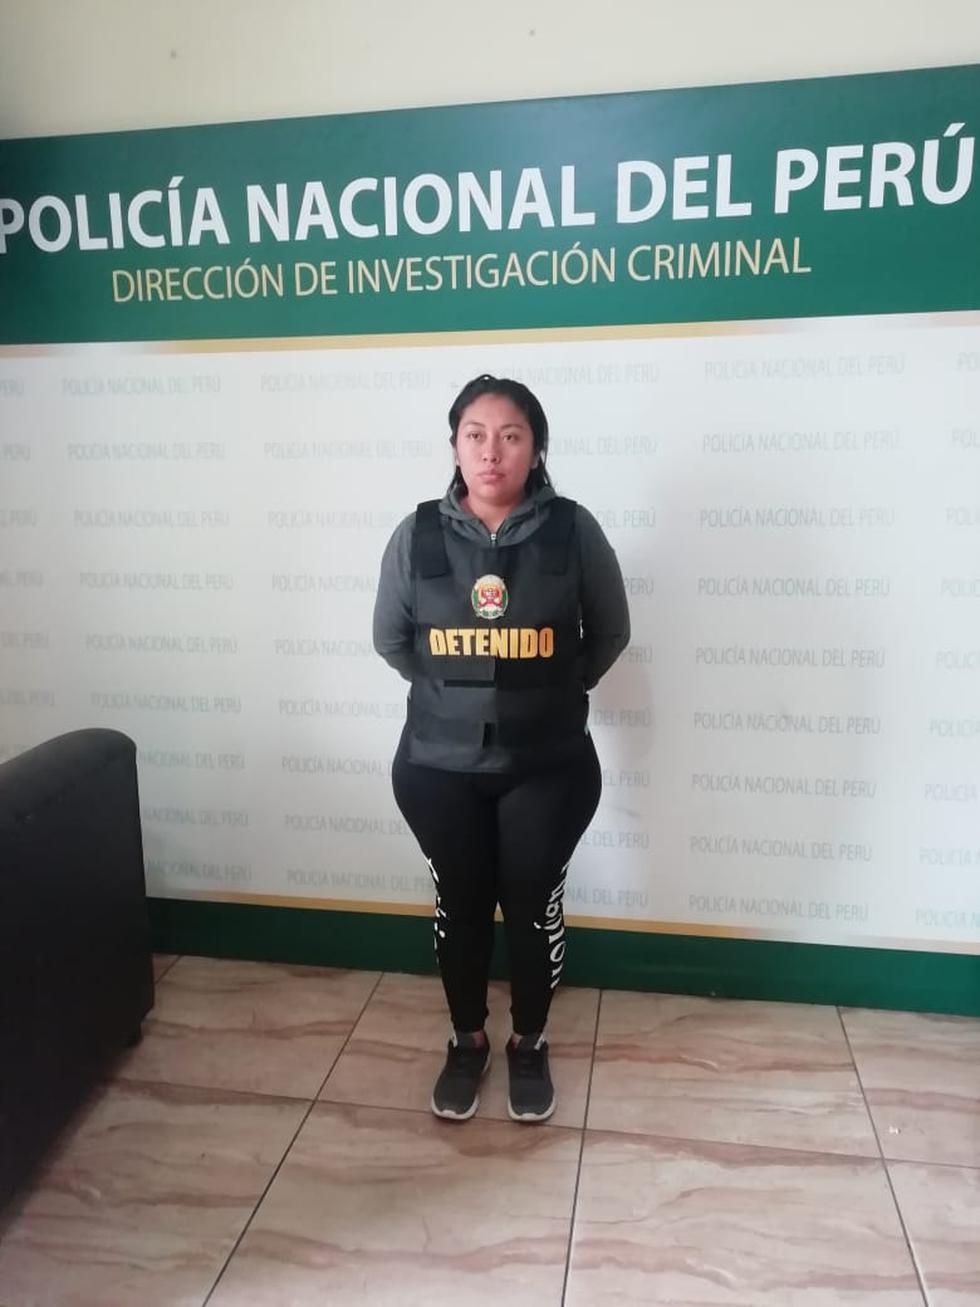 Parricida aseguró que mató a su madre porque la trataba mal. (Policía Nacional)